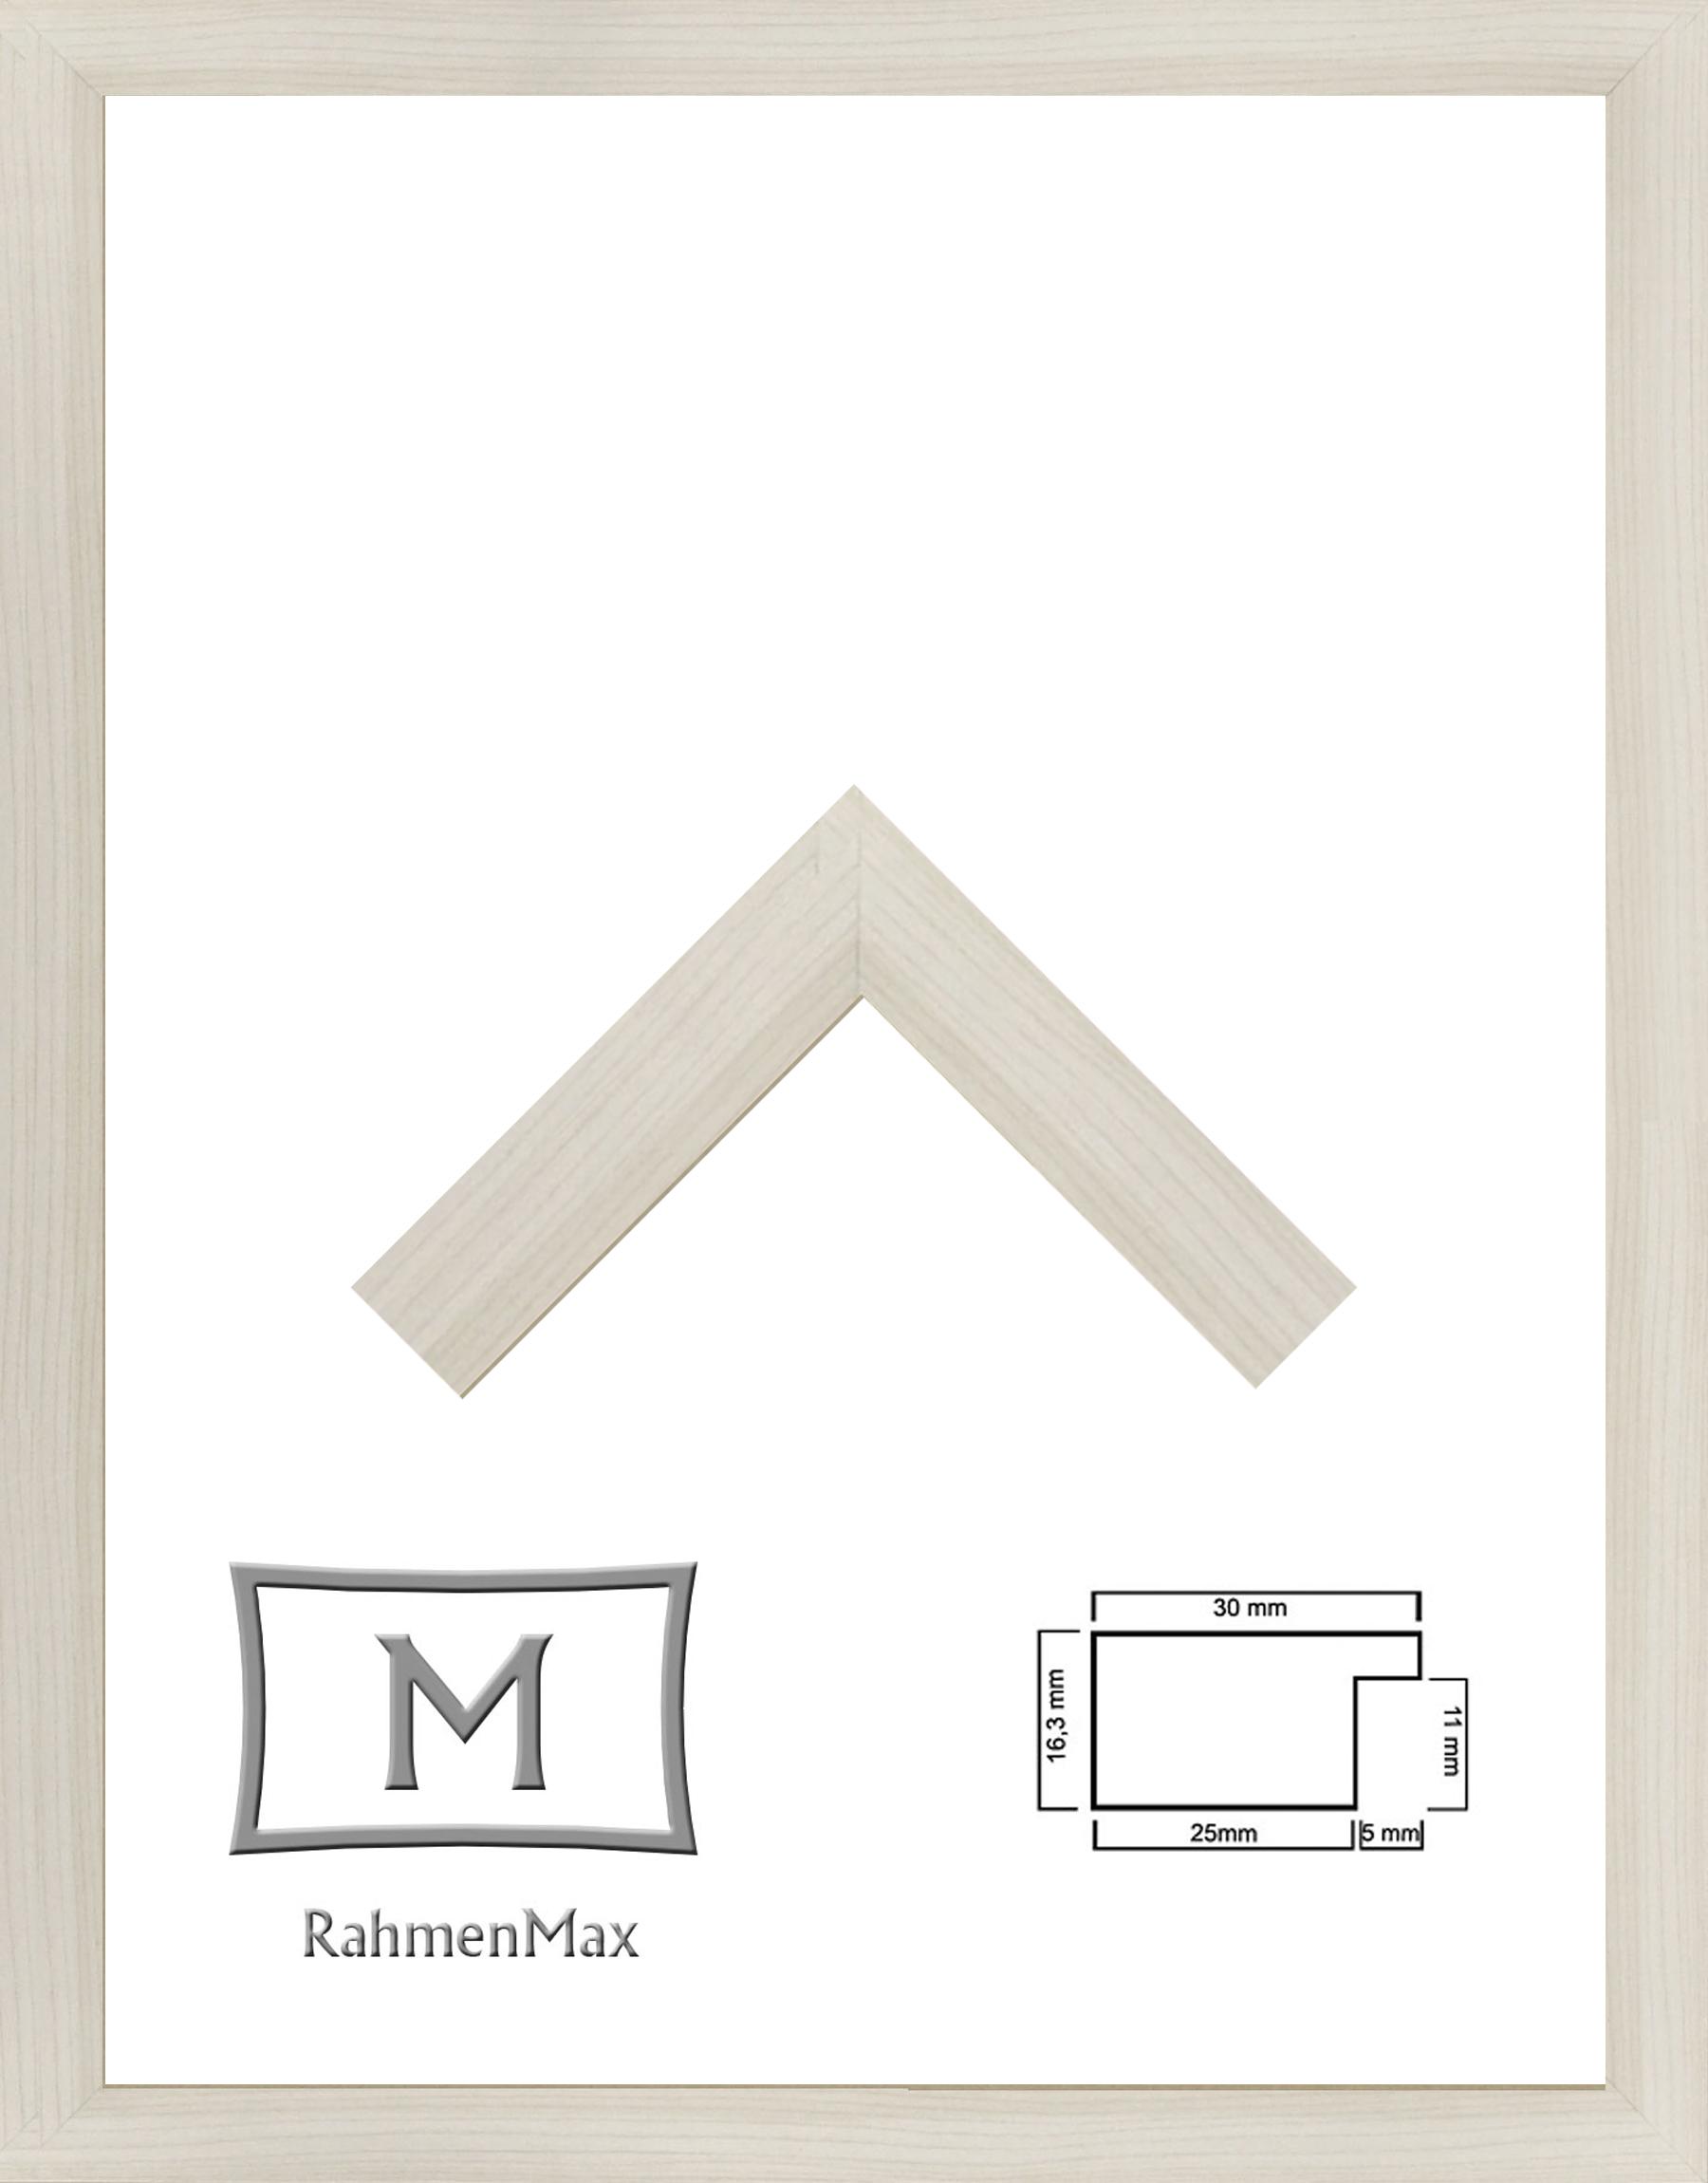 18 x 24 cm Holz Werkstoff Rahmen Morena für Puzzle, Bilder oder ...